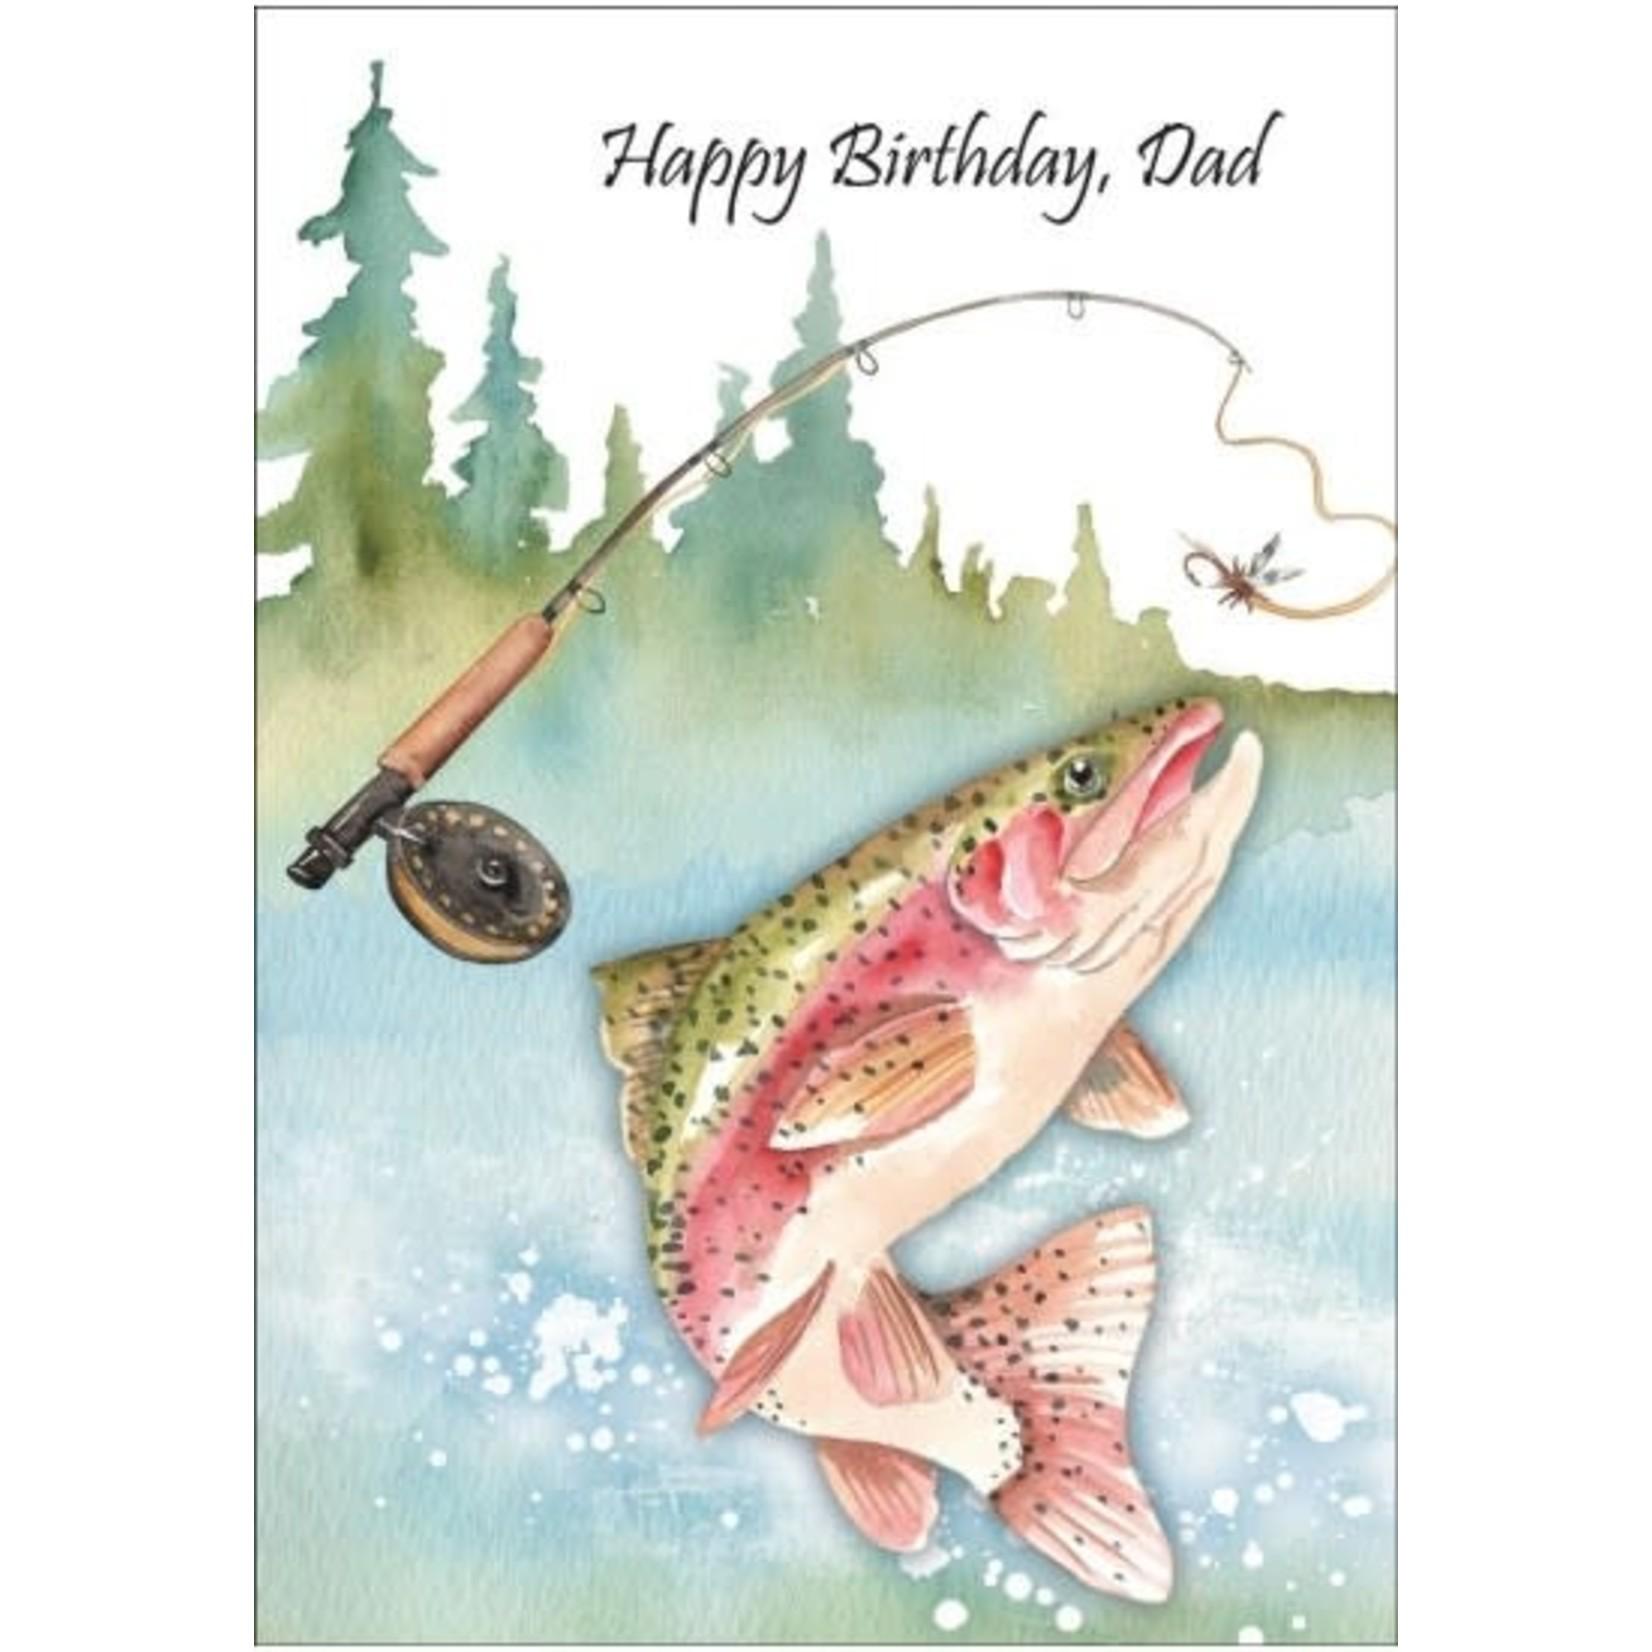 DAD BIRTHDAY CARD